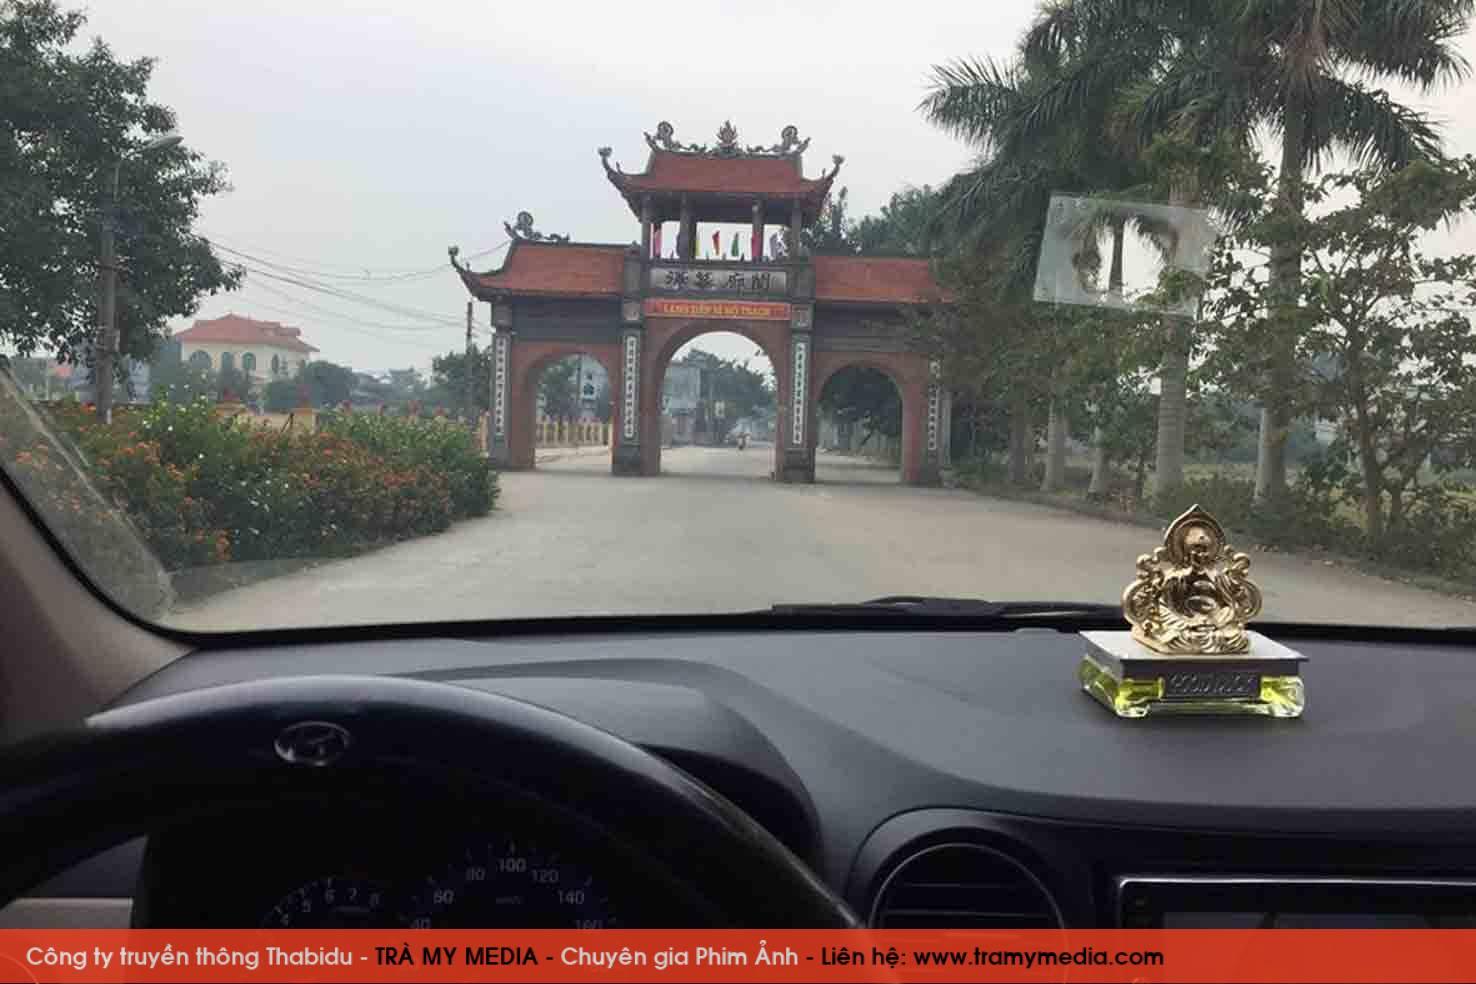 QUAY PHIM KHAI TRUONG TAI HAI DUONG 2